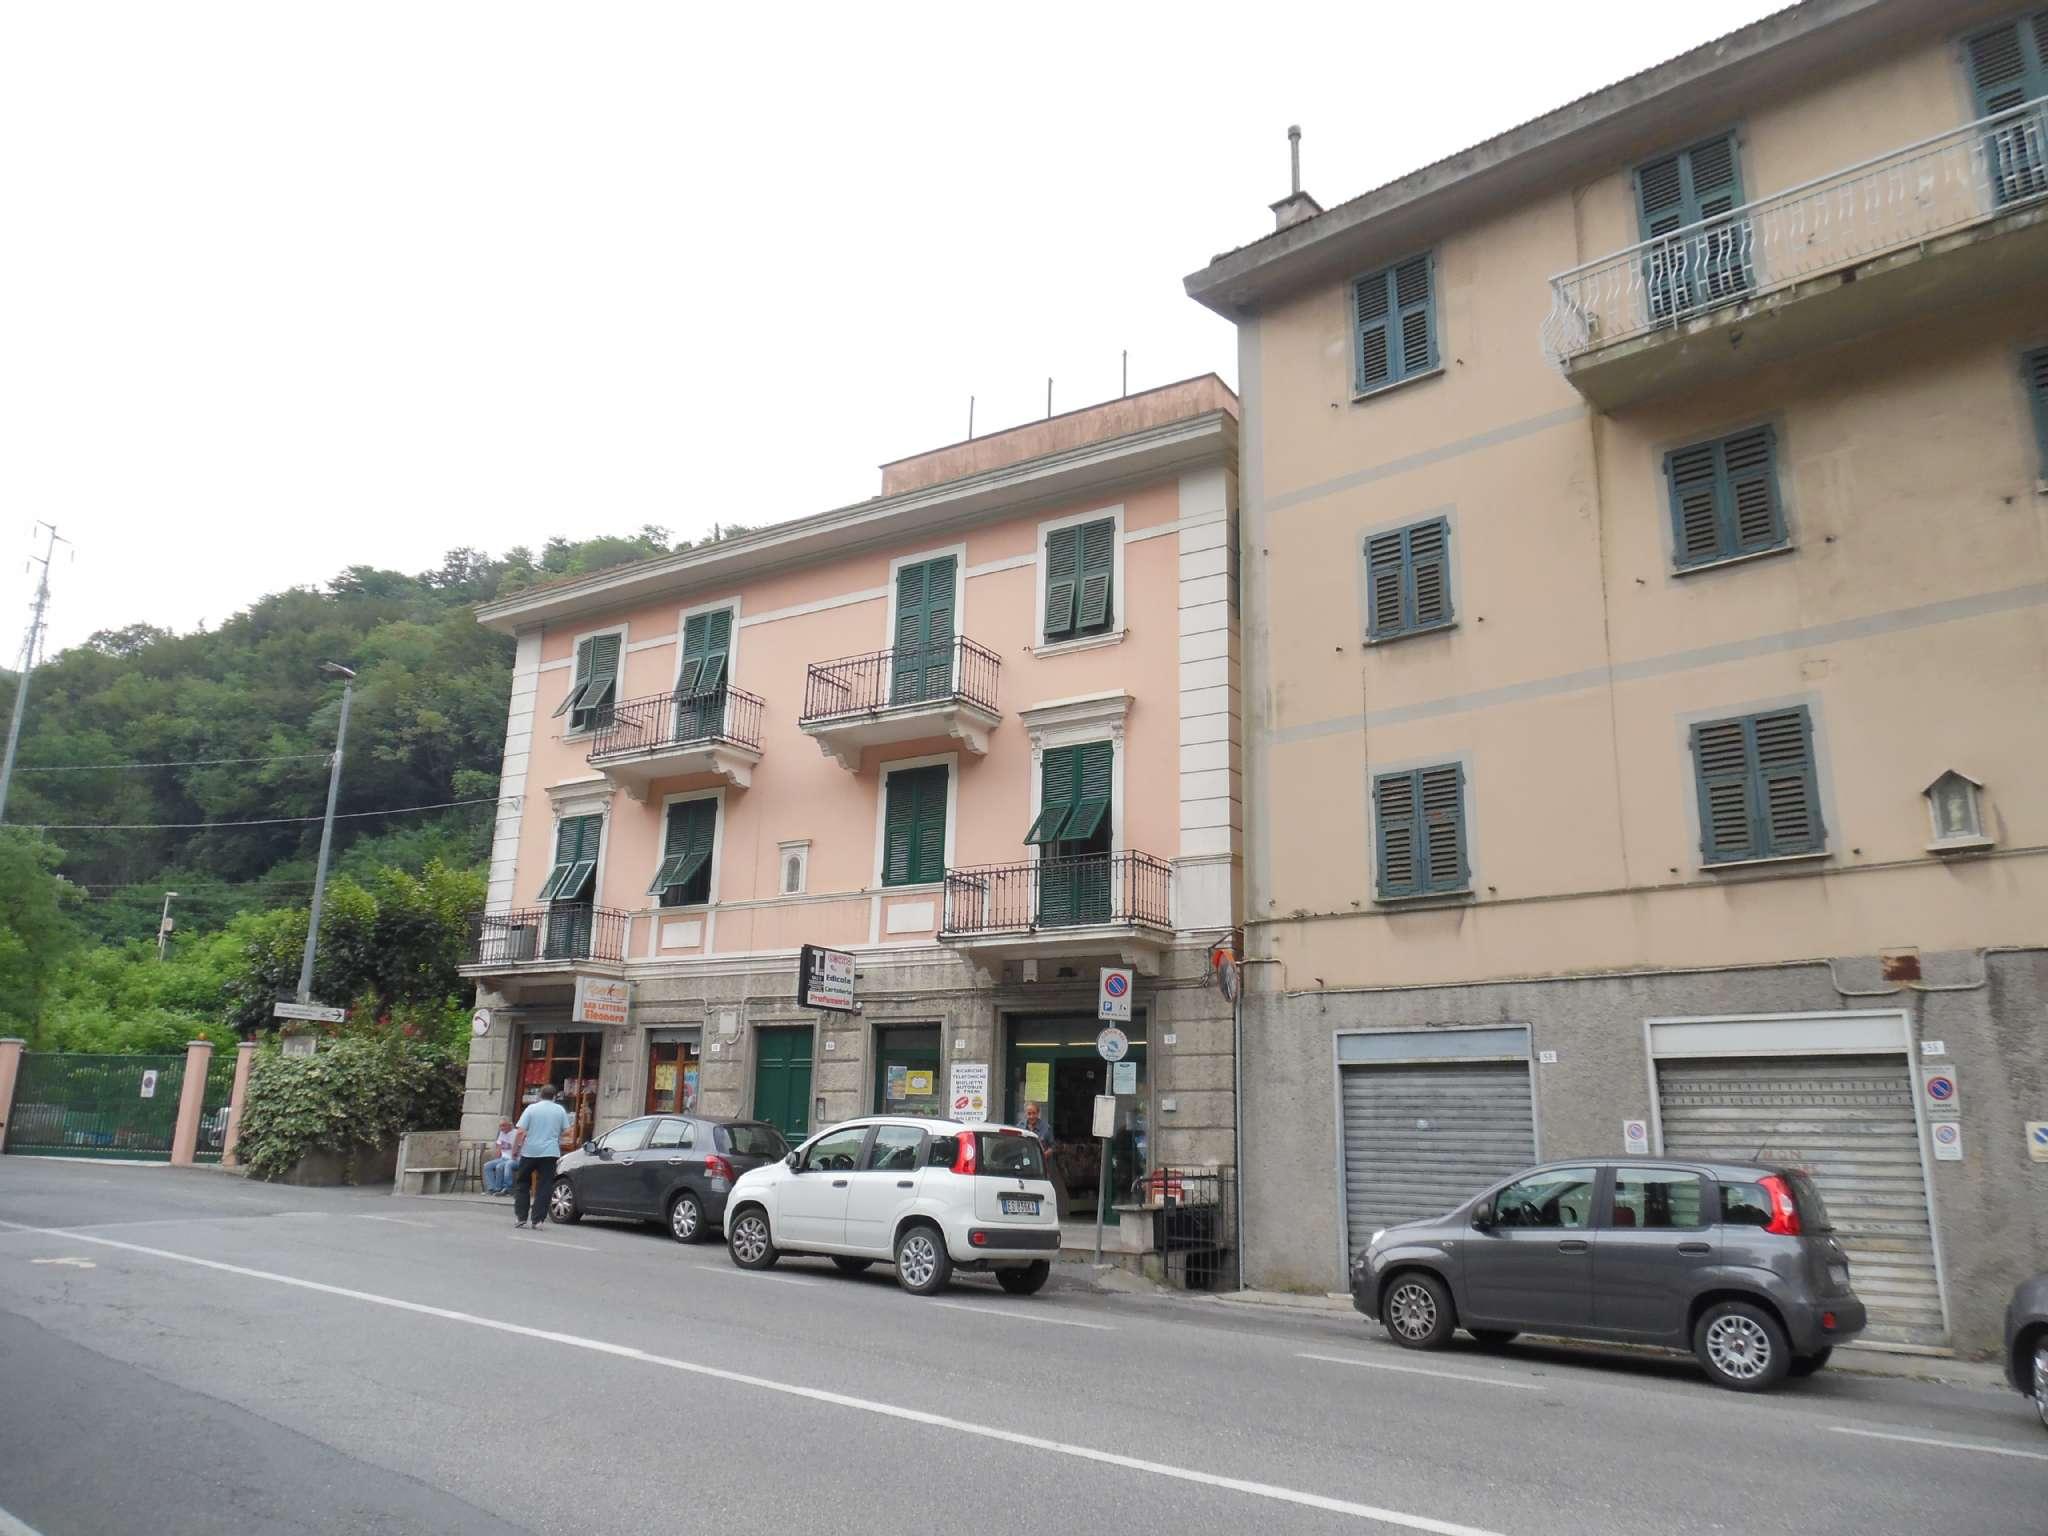 Mignanego, in piccola palazzina 7 vani con balcone, garage e cantine